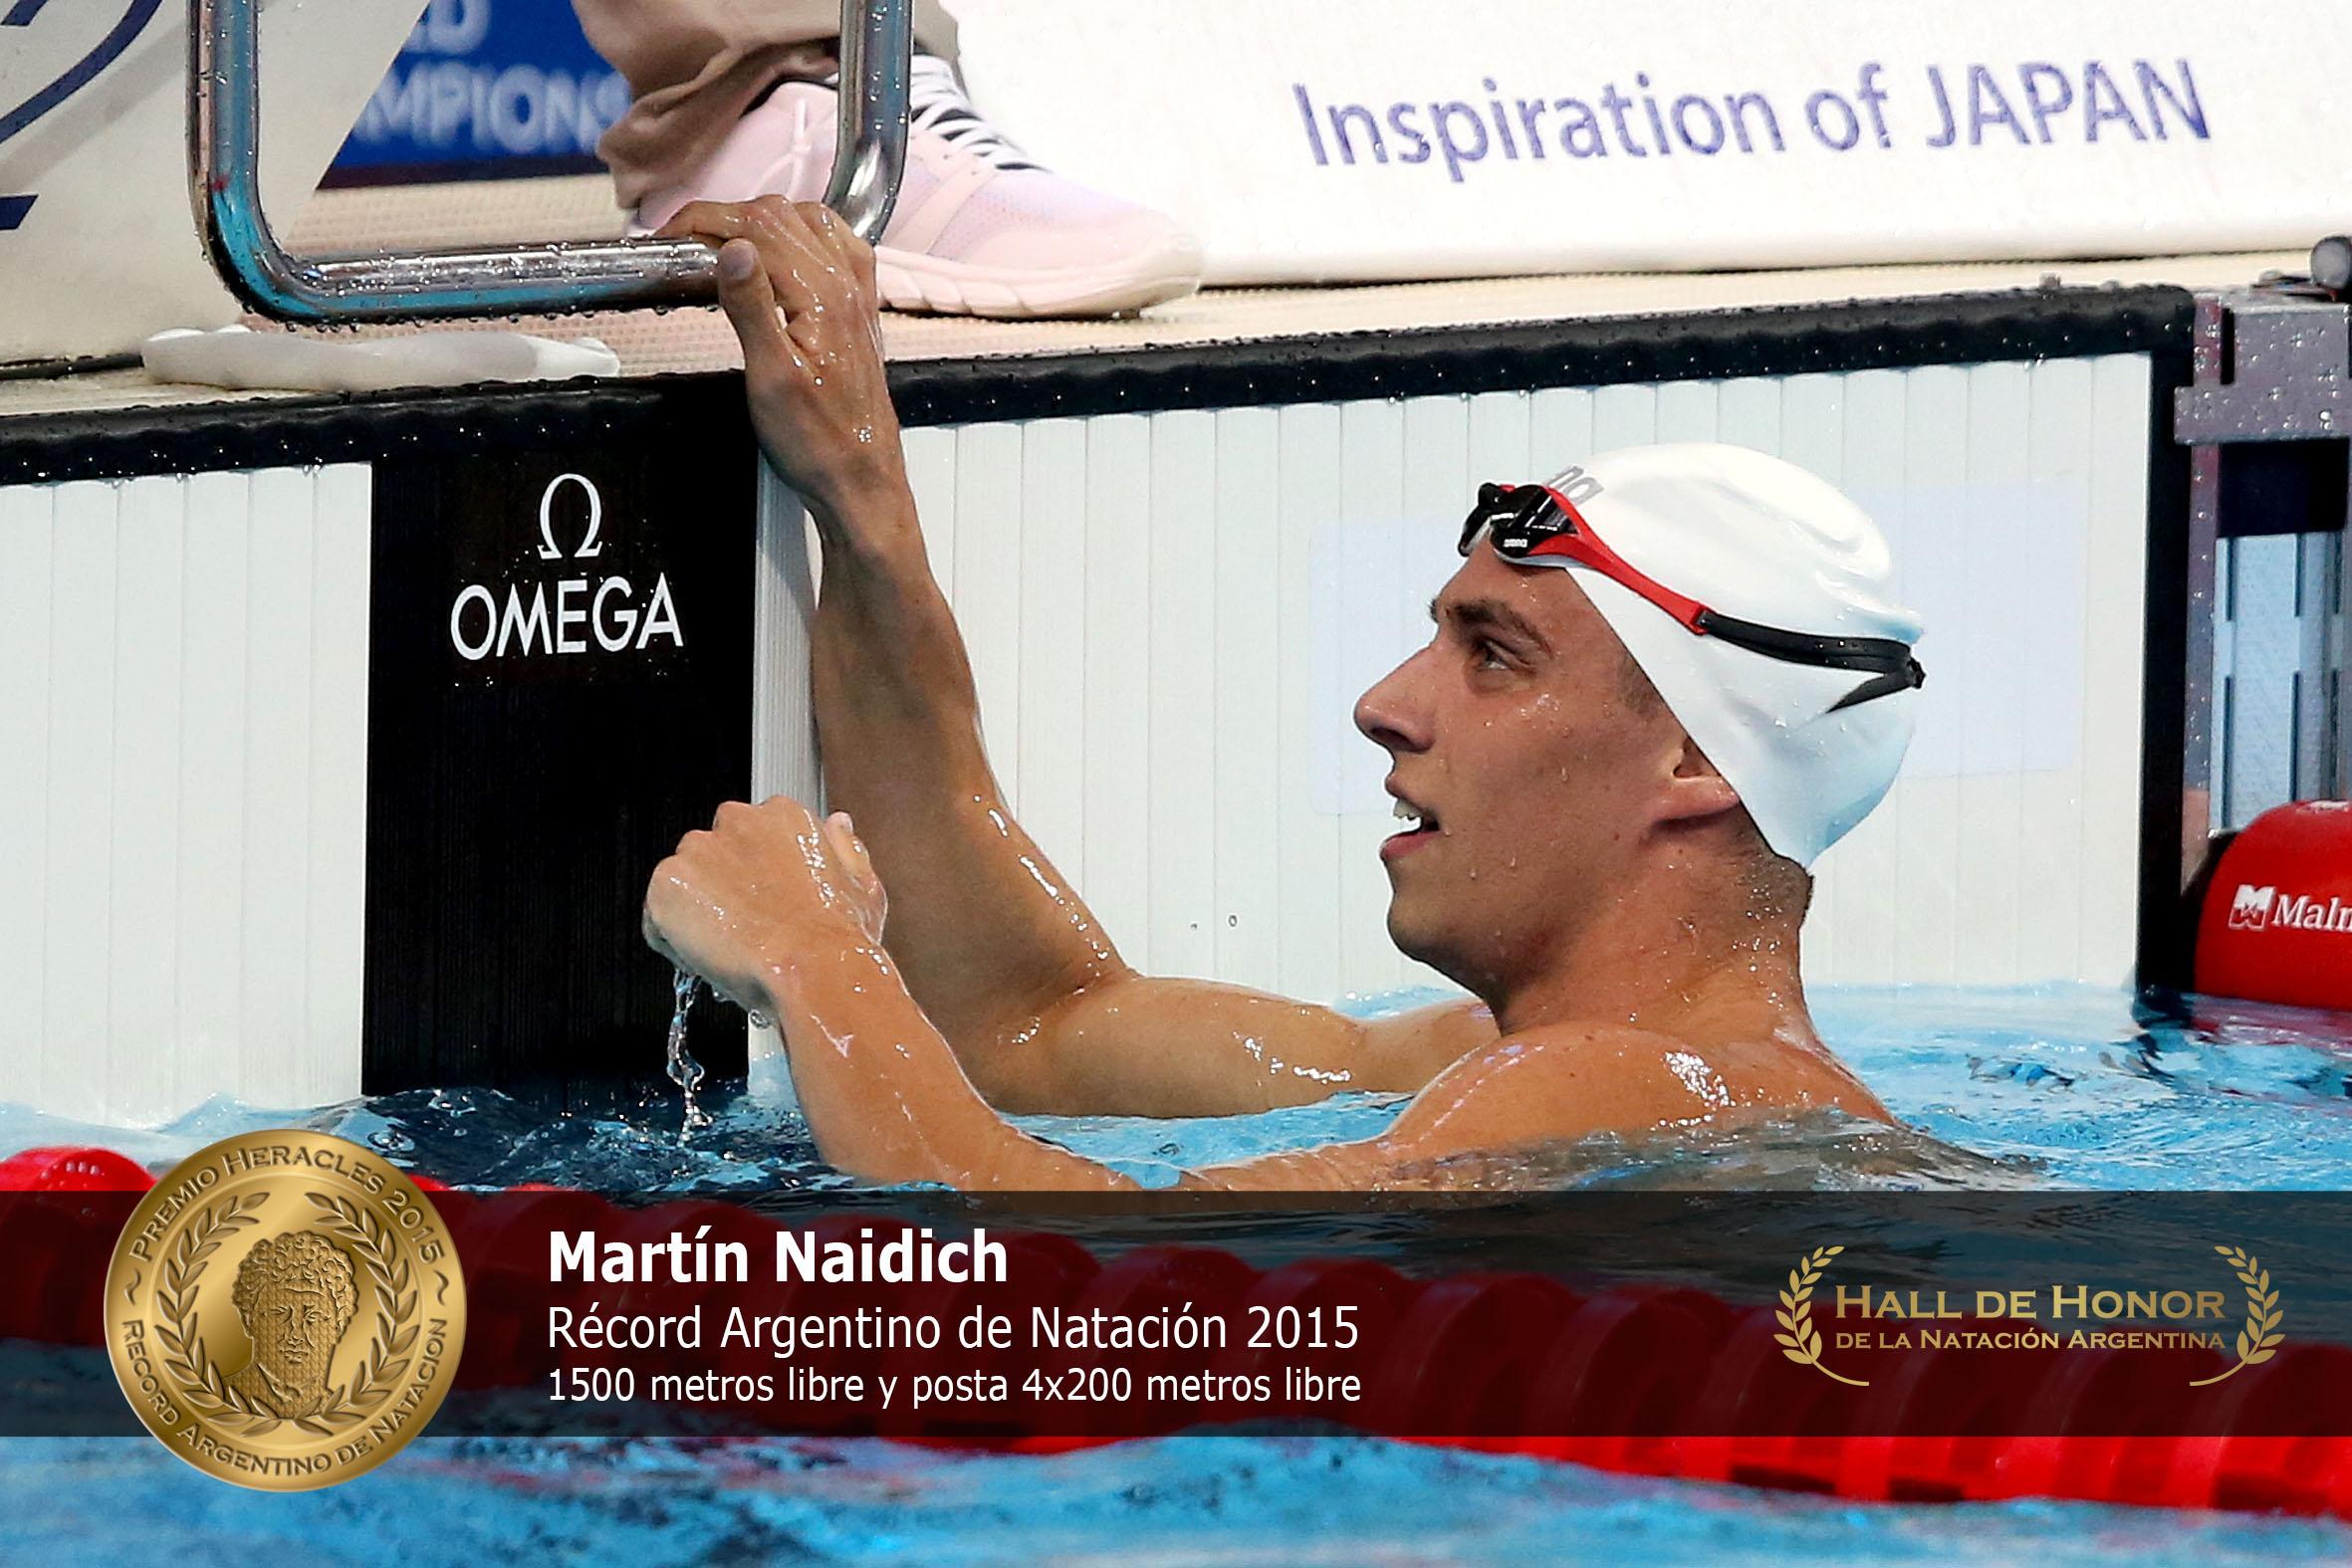 Martín Naidich